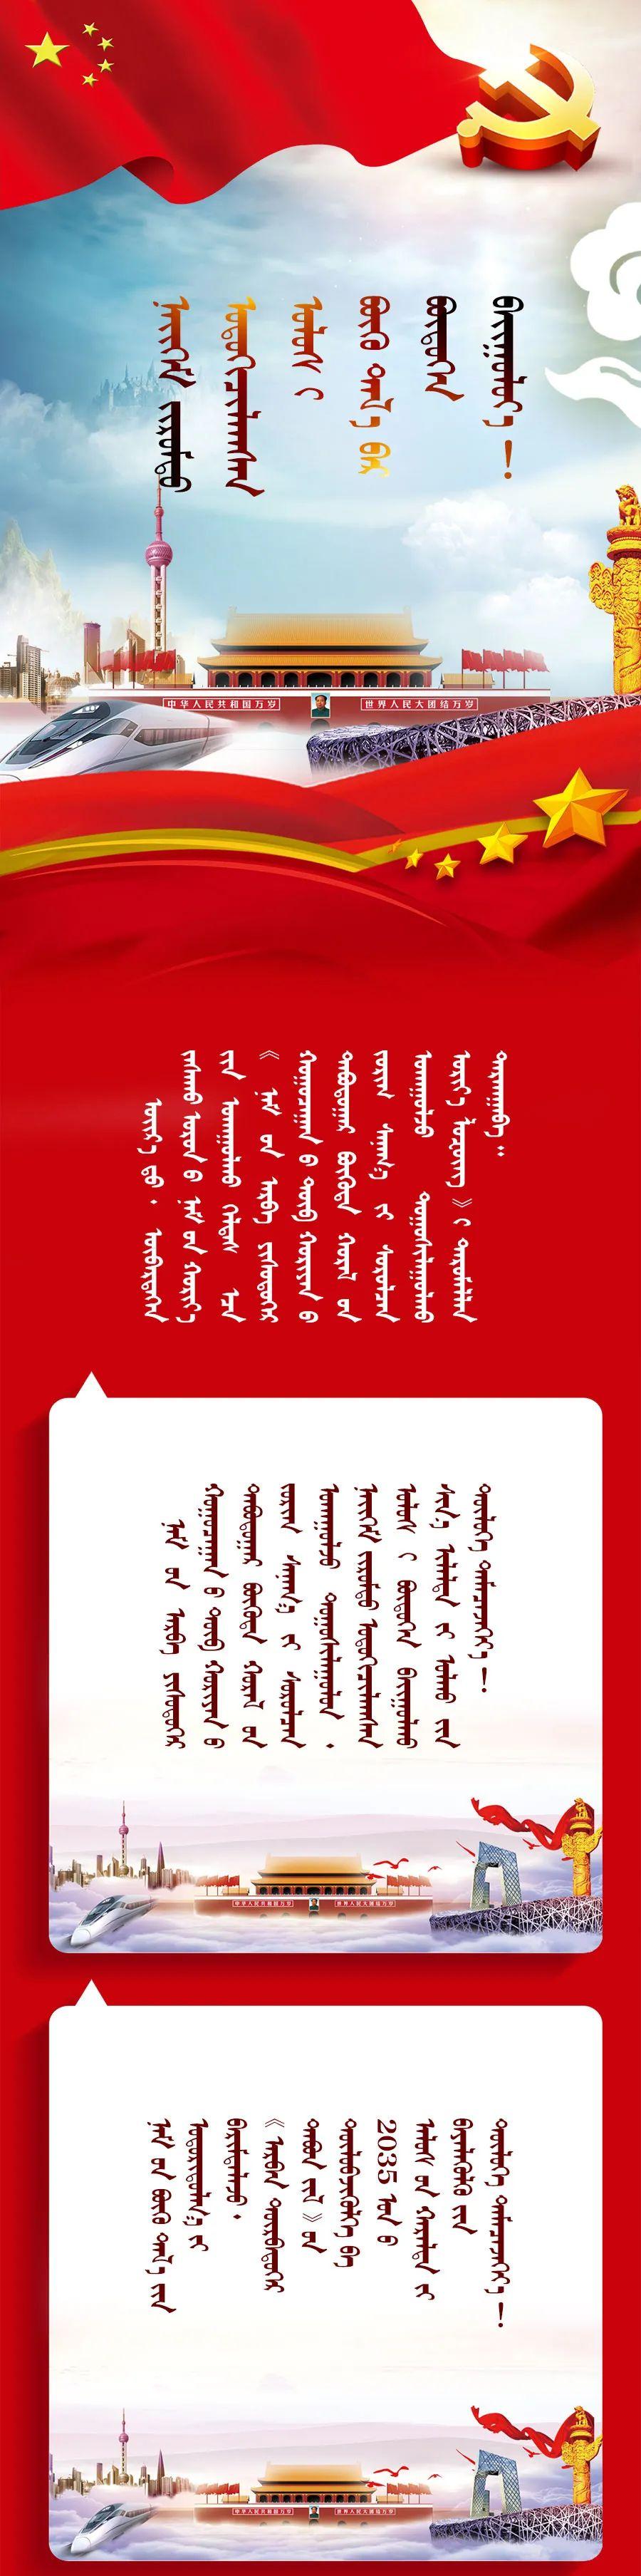 【蒙古文】全面建设社会主义现代化国家——宣传标语